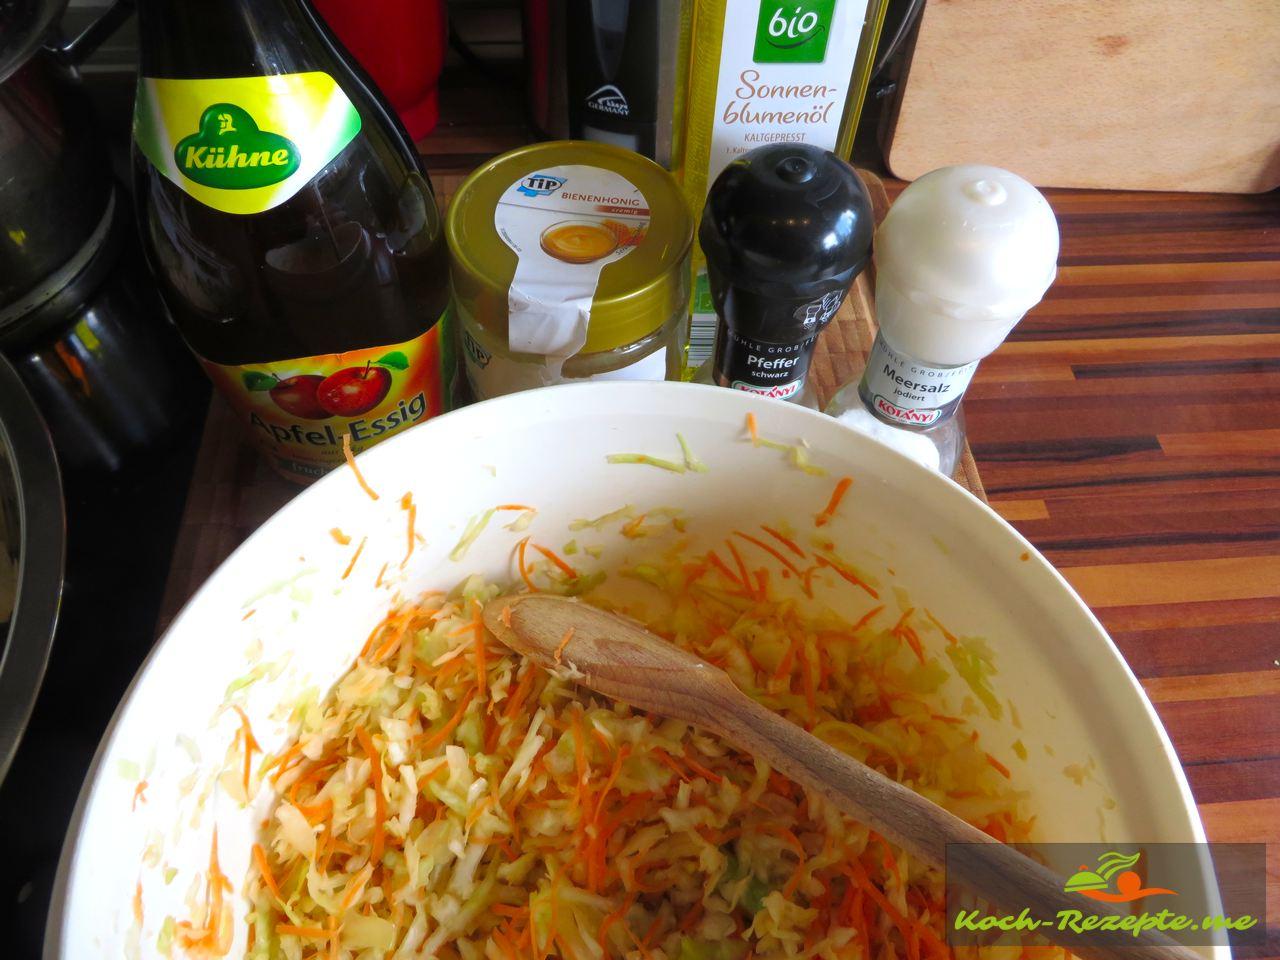 Weisskraut und die Karotten bekommen jetzt eine feine Sauce aus Honig, Apfelessig, Sonnenblumenöl, Pfeffer und Salz, dann sollte er 30 Minuten durchziehen.